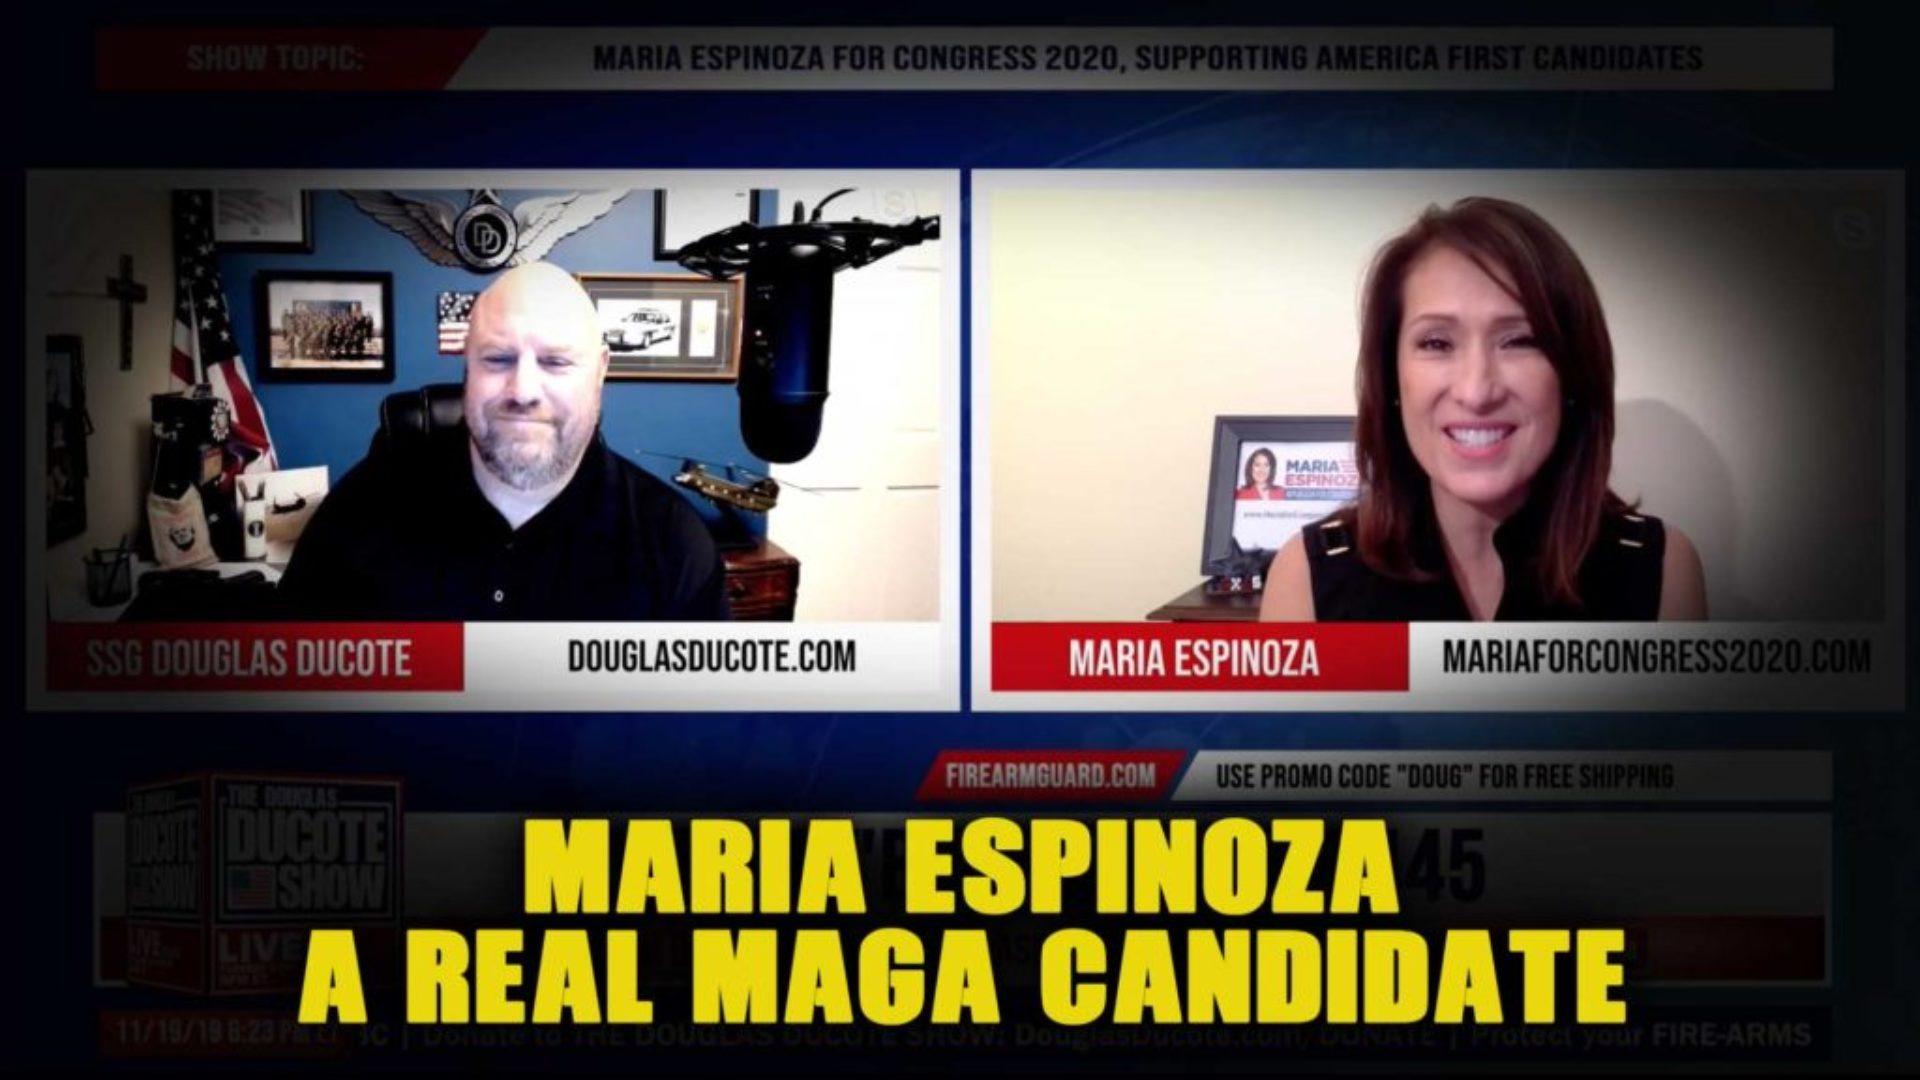 Maria-Espinoza-A-Real-MAGA-Candidate